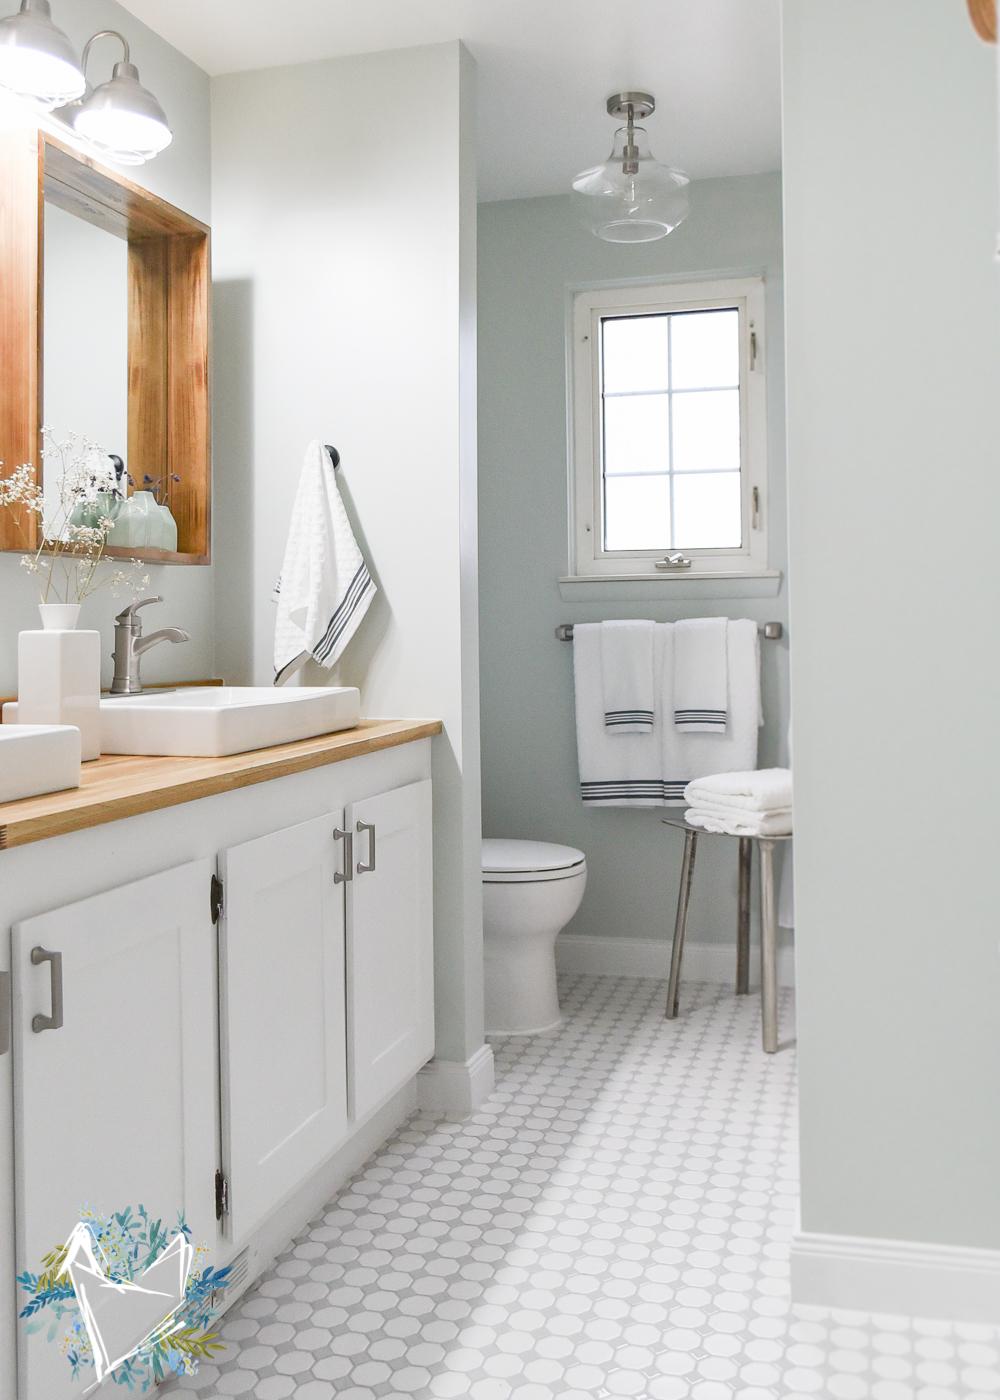 Eleven stunning bathroom transformations from Thrifty ... on Modern Farmhouse Bathroom  id=95255